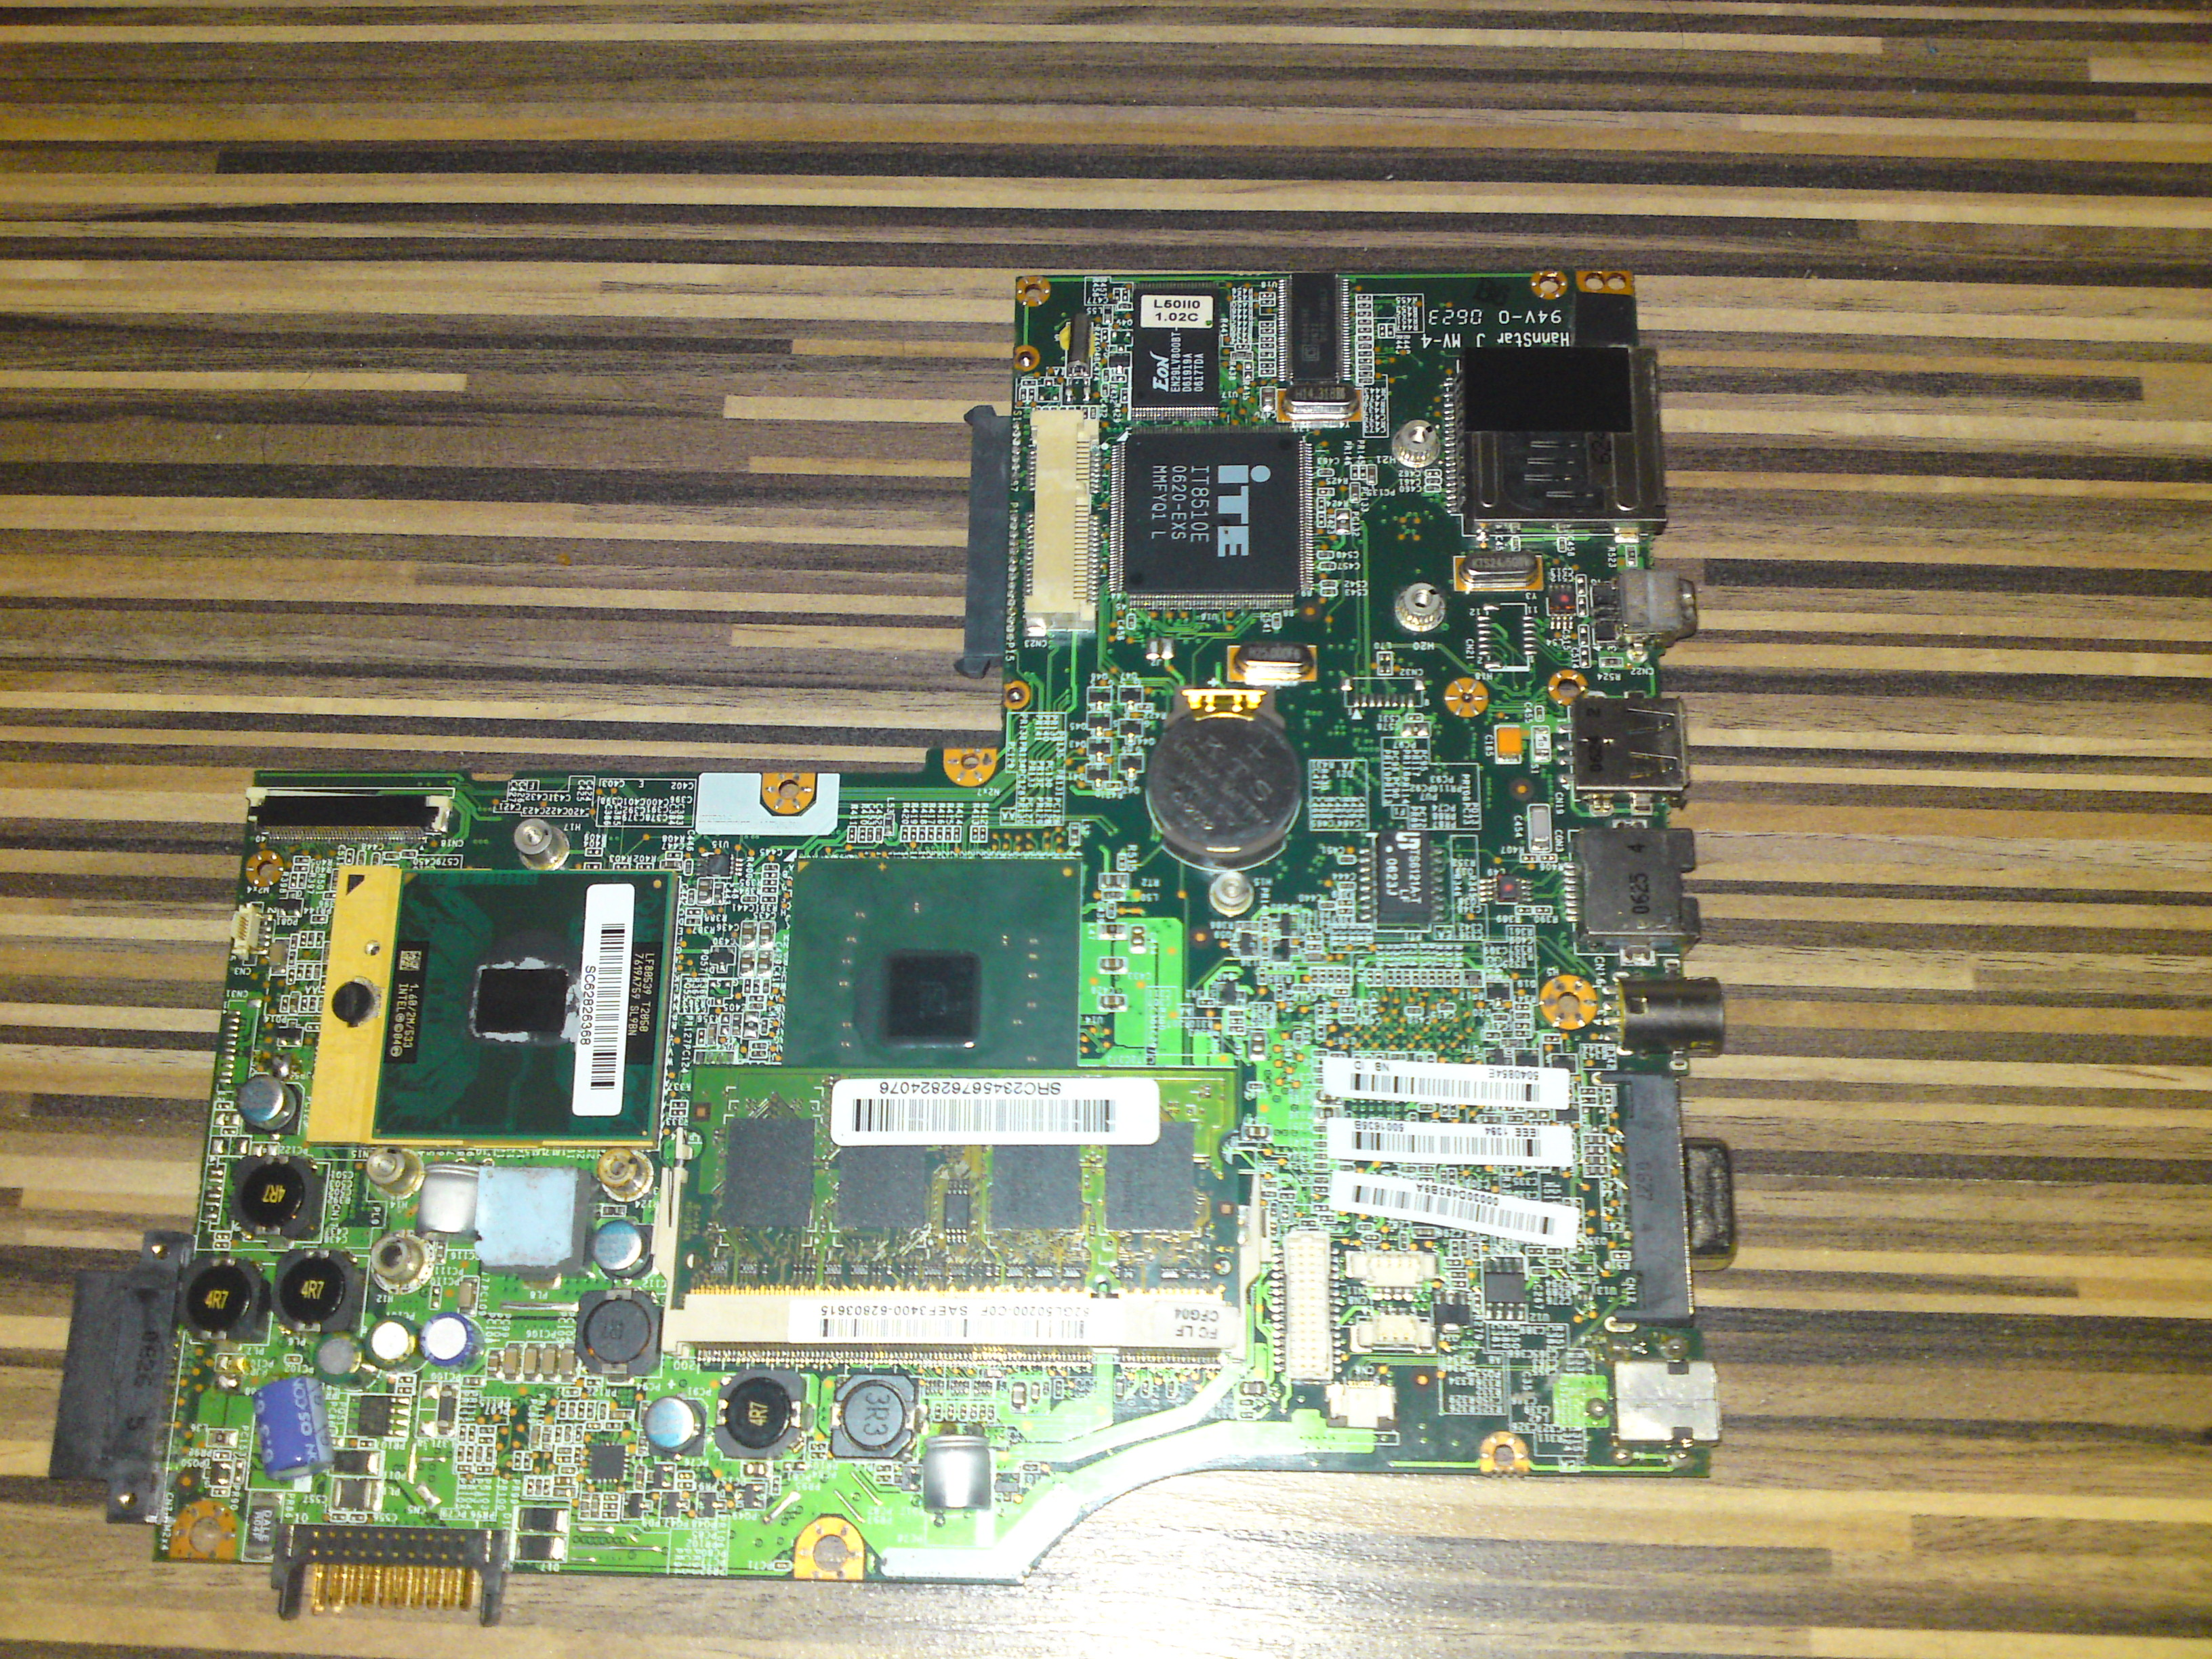 hannstar j mv-4 94v-0 motherboard specs